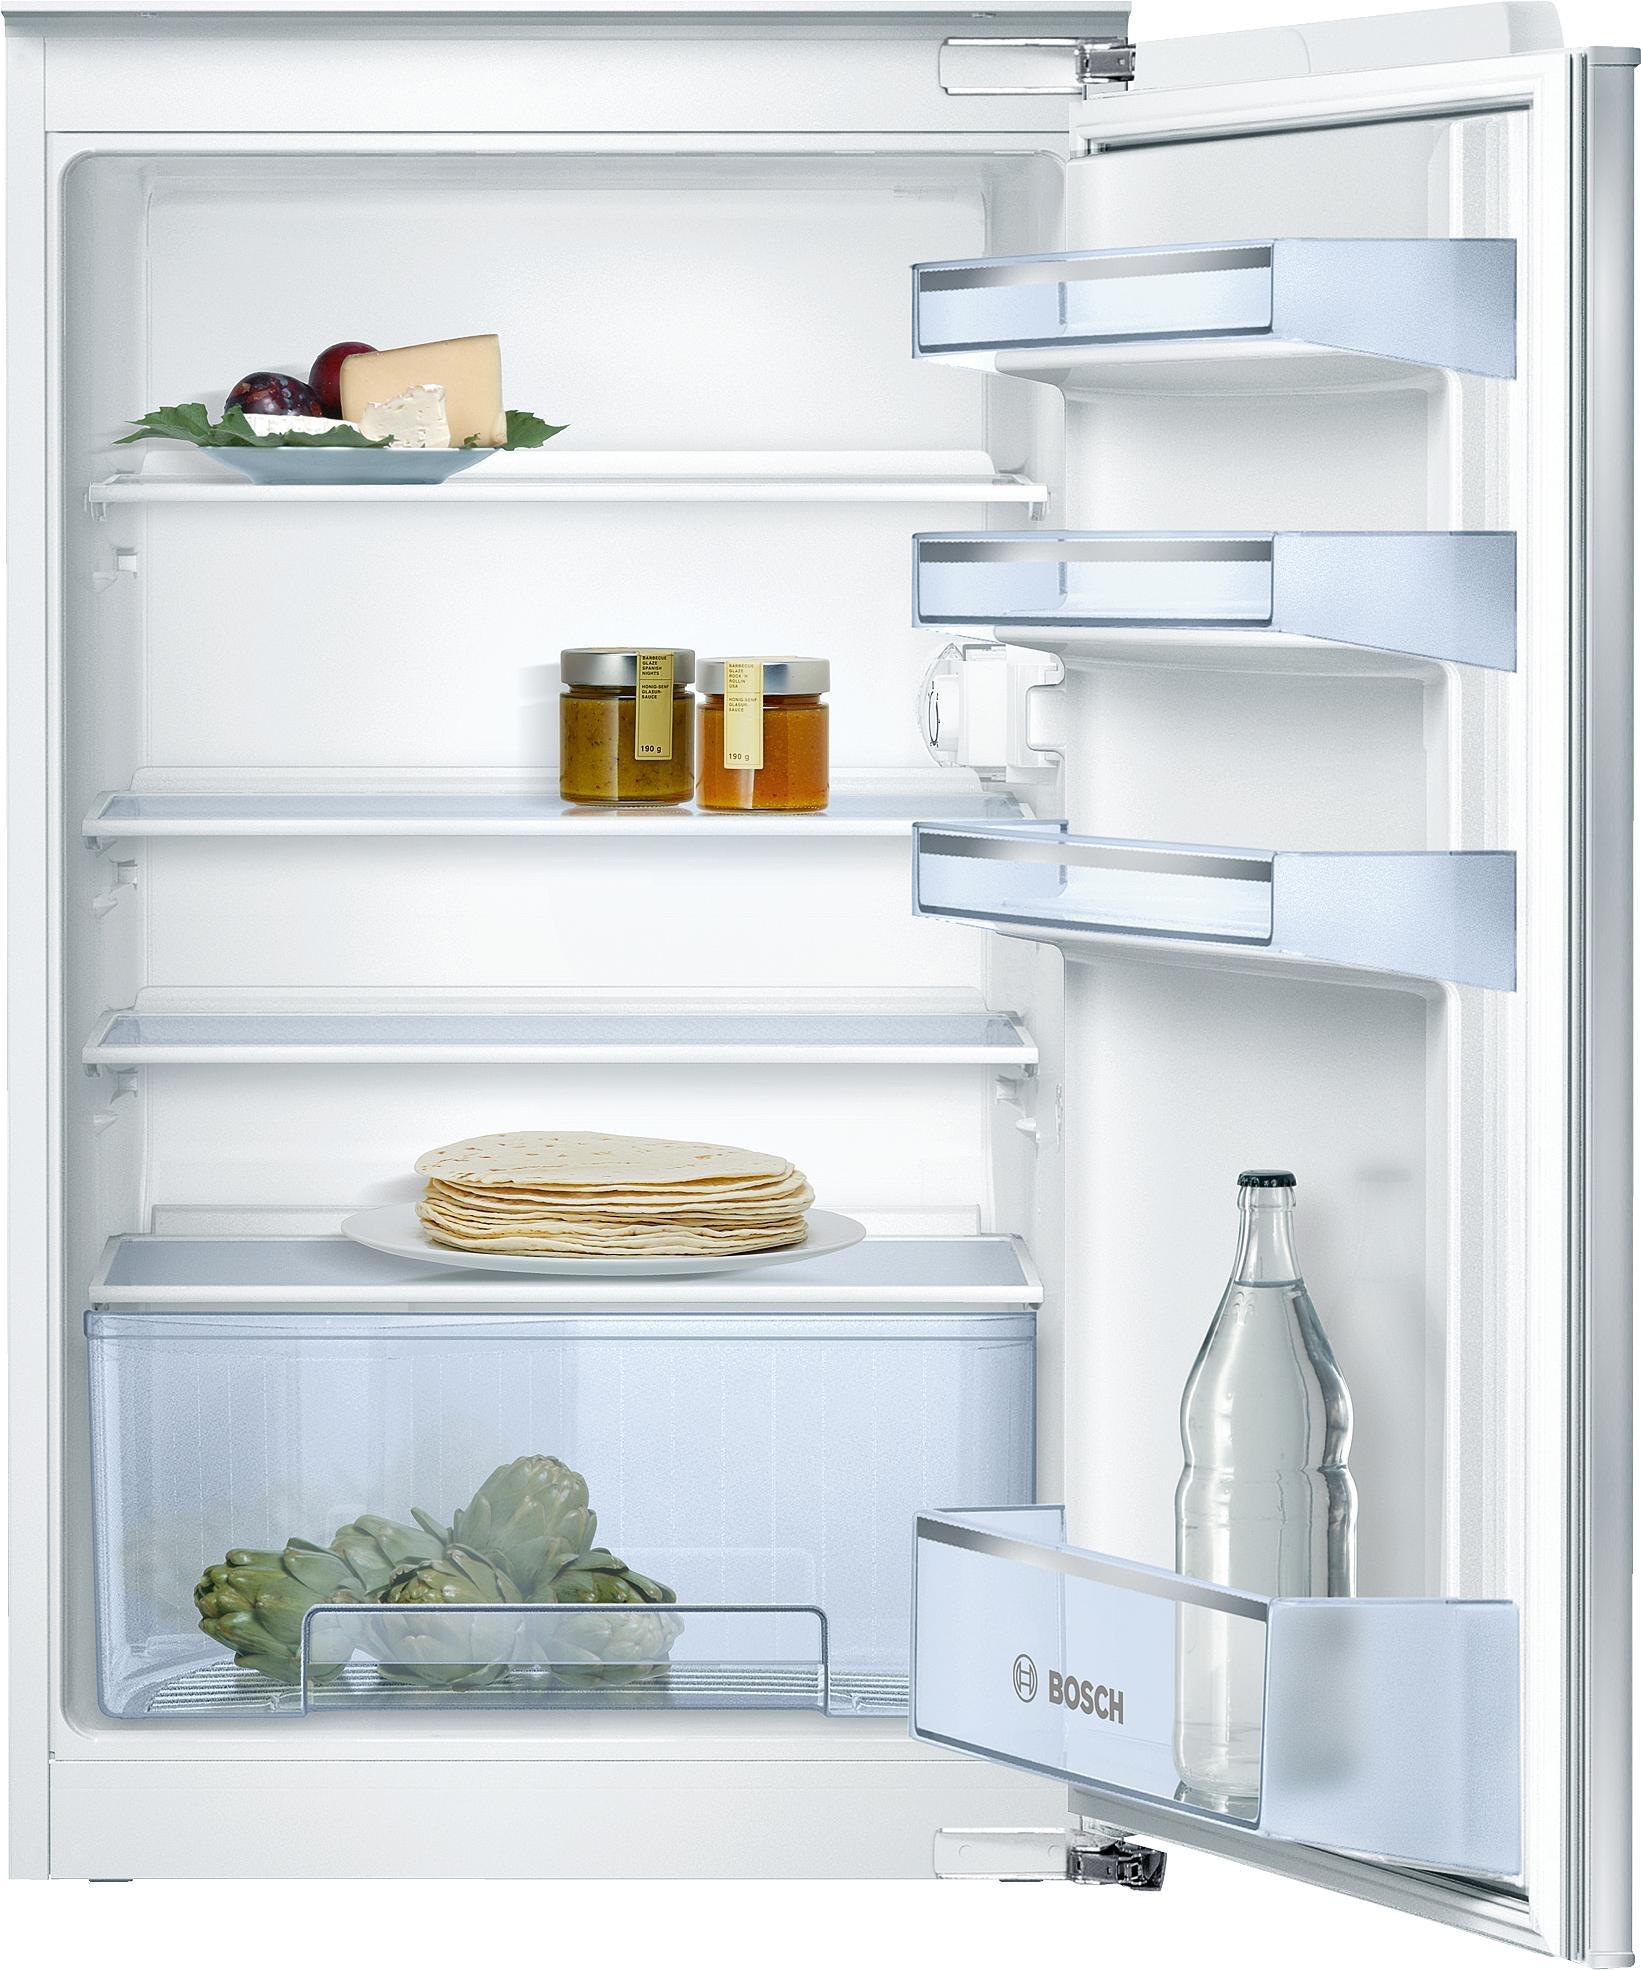 Korting Bosch KIR18V60 inbouw koelkast